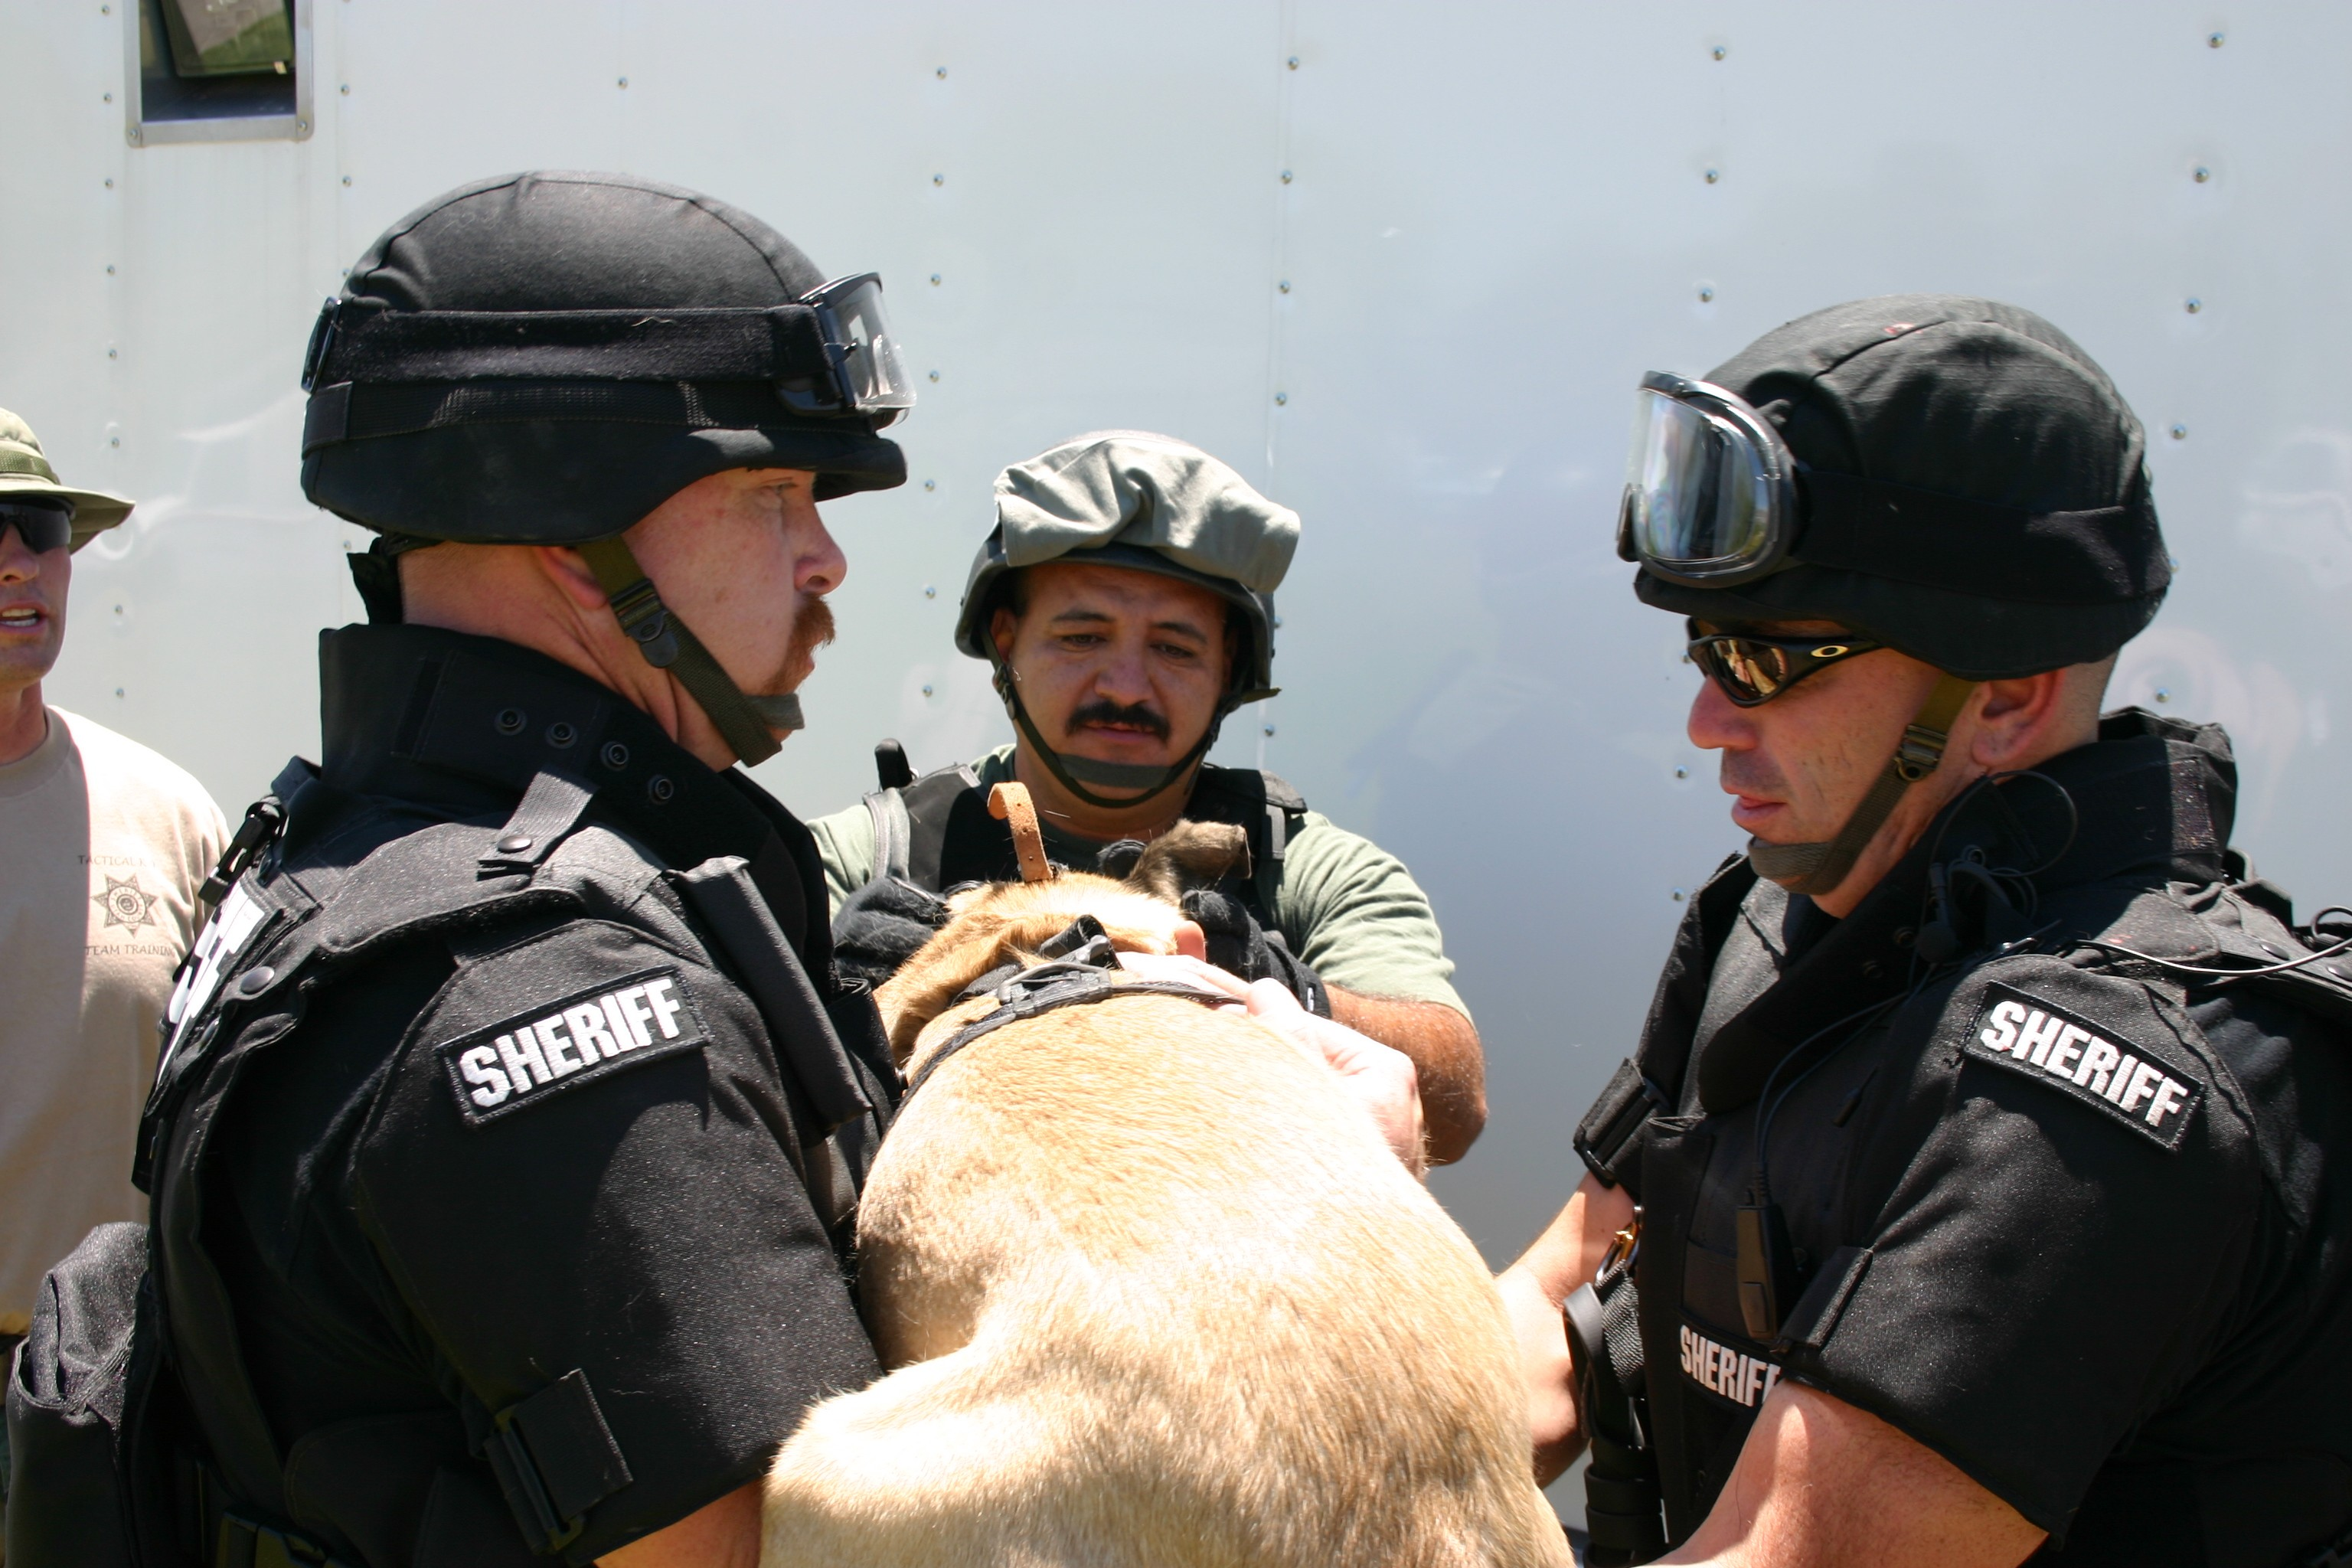 IMG_6630 edited swat website